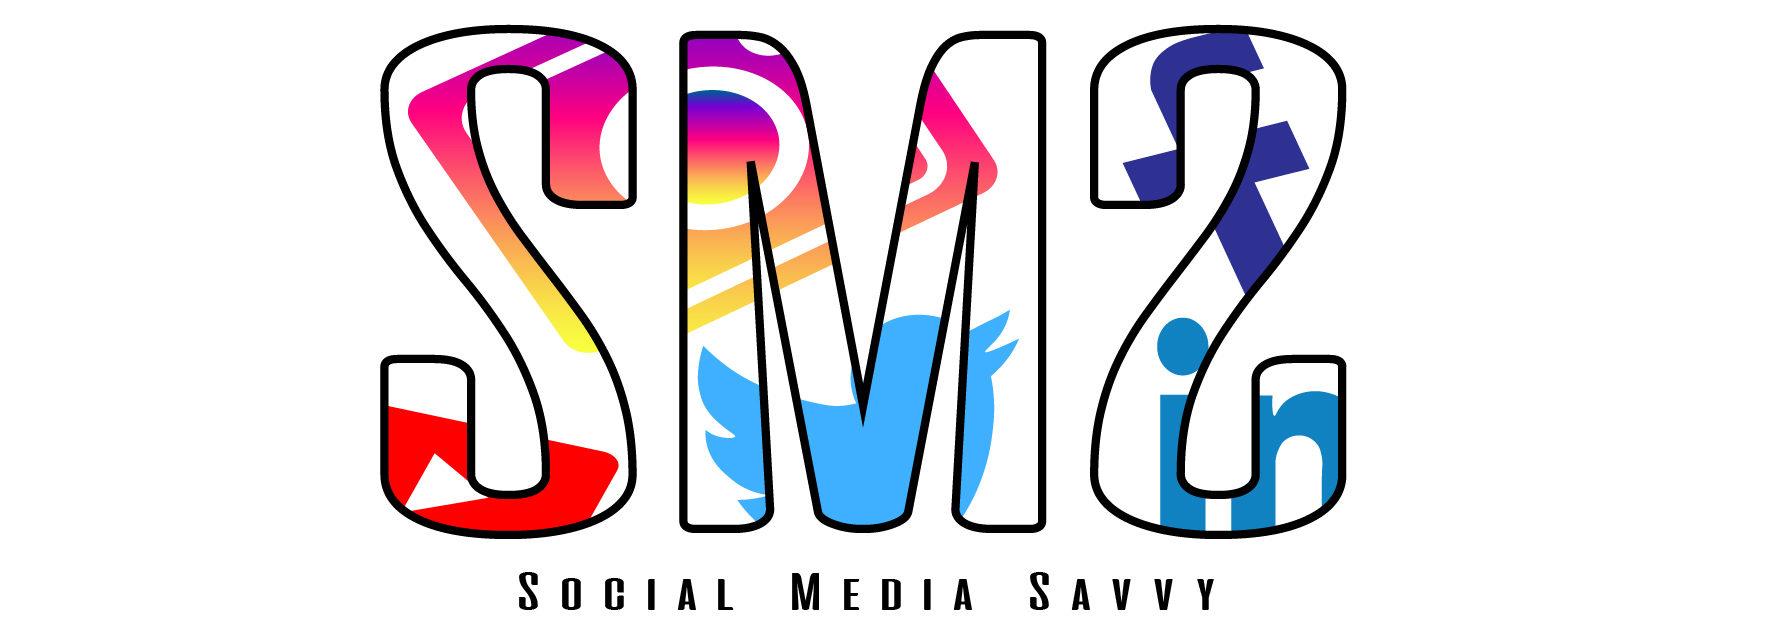 Social Media Savvy